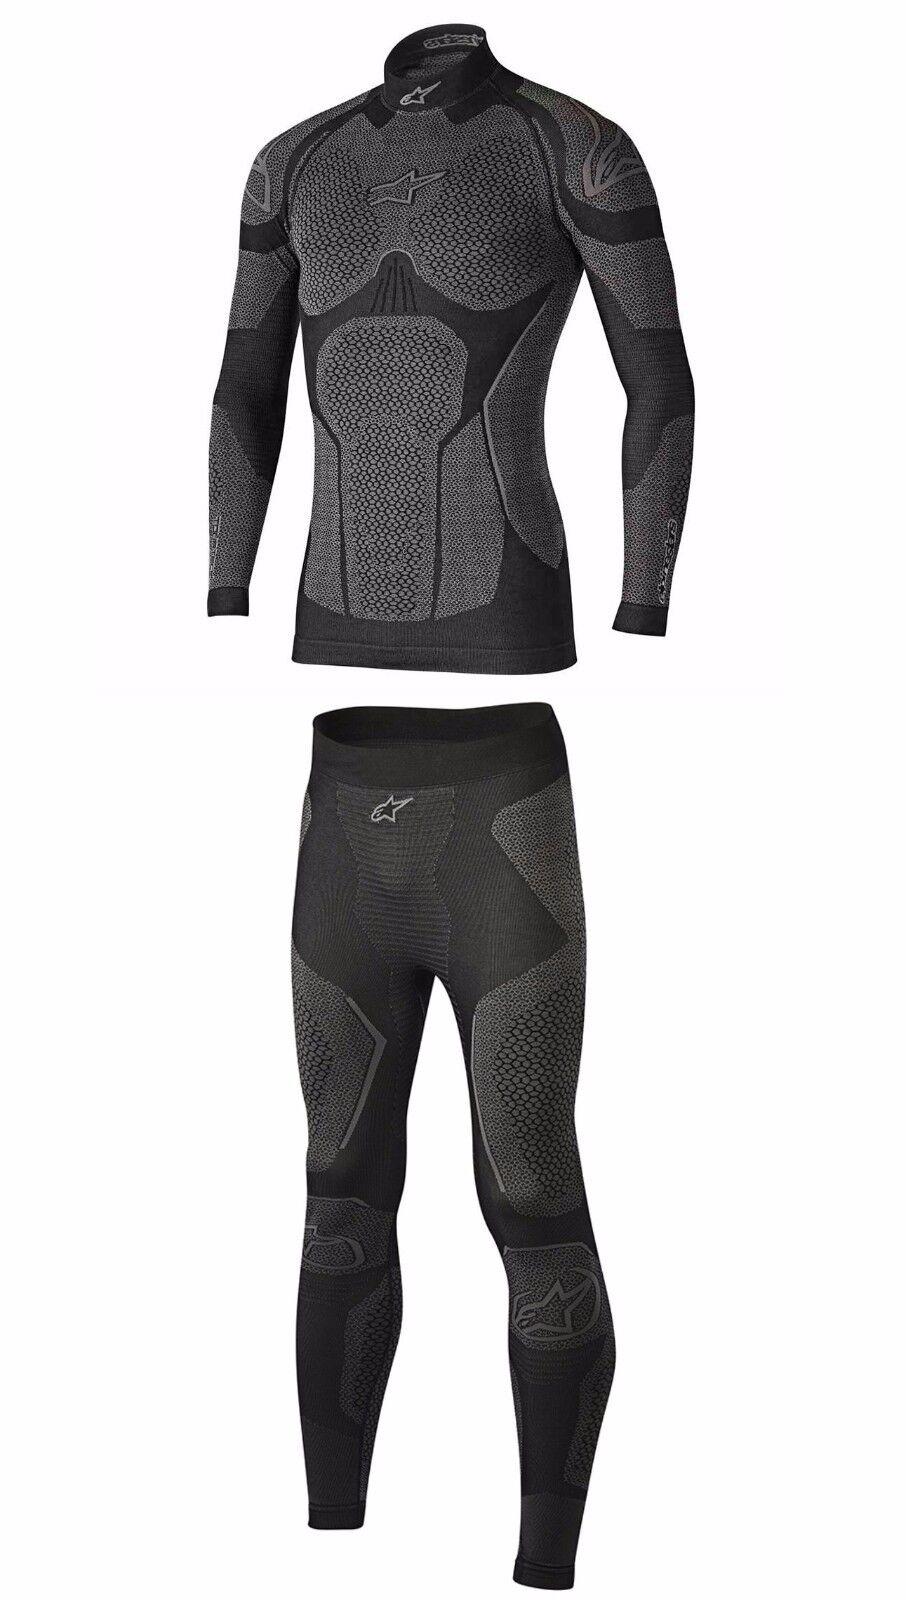 Alpinestars Paseo Tech Térmico Pantalón & Camiseta Esquí Snowboard Invierno